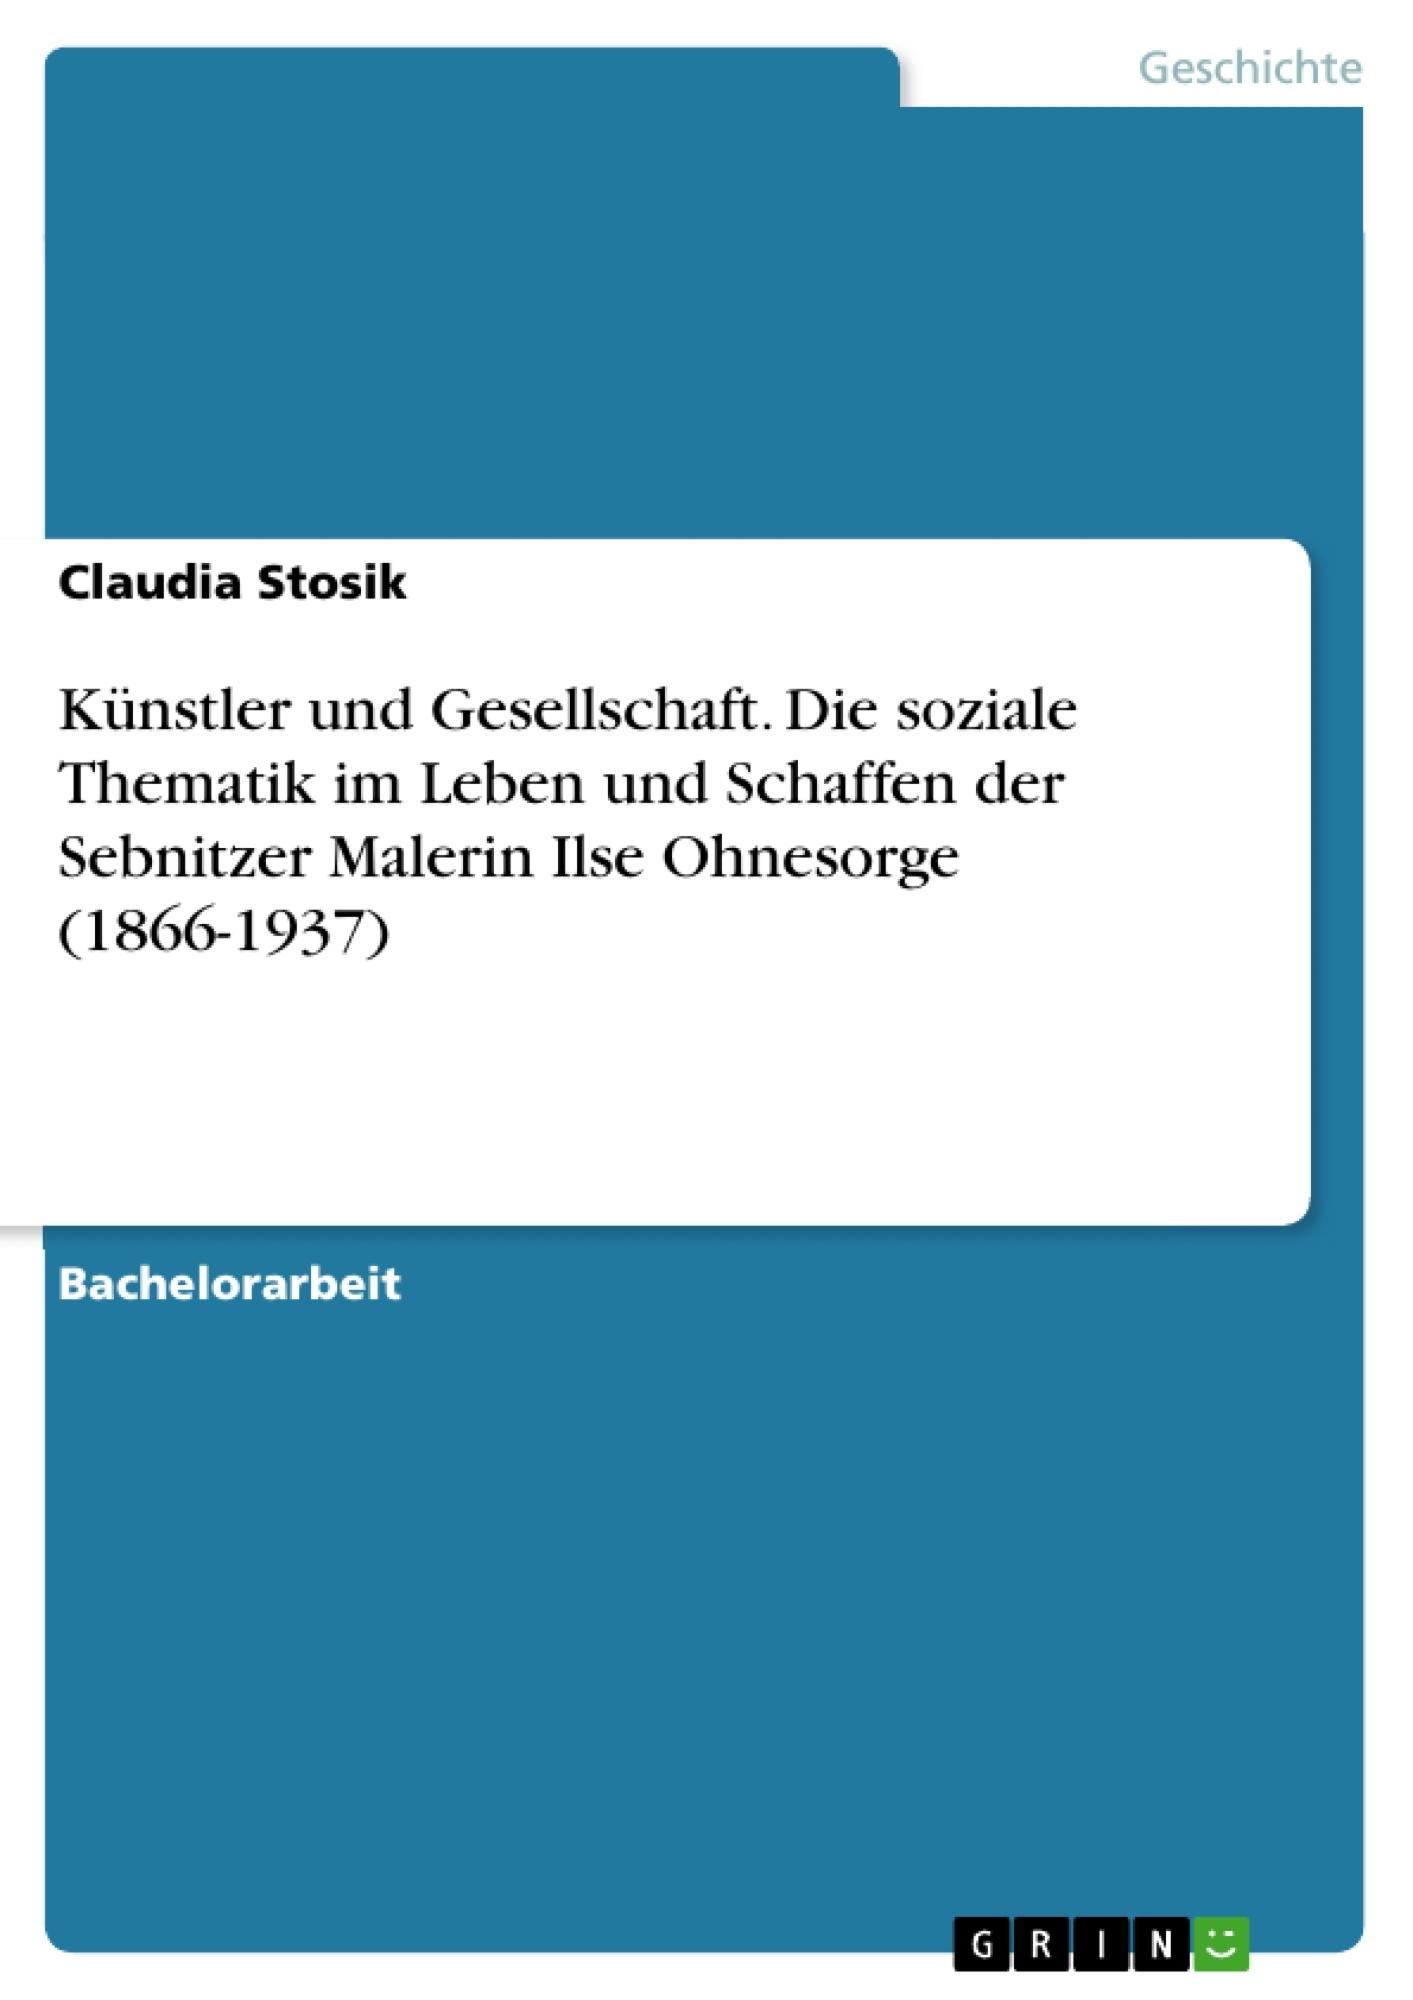 Titel: Künstler und Gesellschaft. Die soziale Thematik im Leben und Schaffen der Sebnitzer Malerin Ilse Ohnesorge (1866-1937)